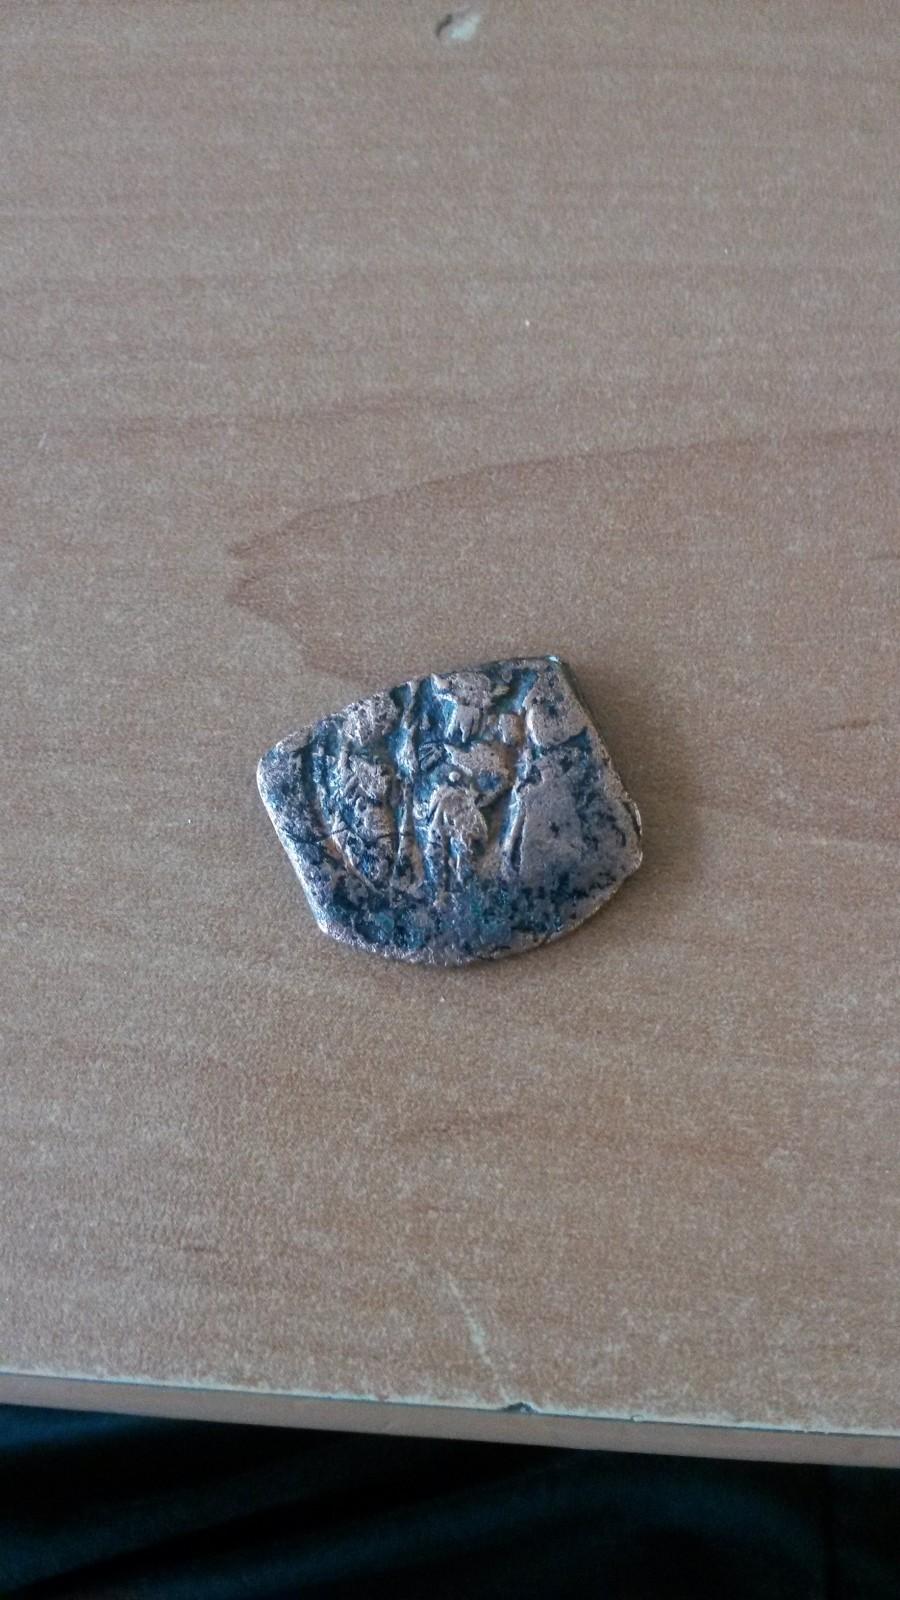 40 nummi de Heraclio 2e5p35c